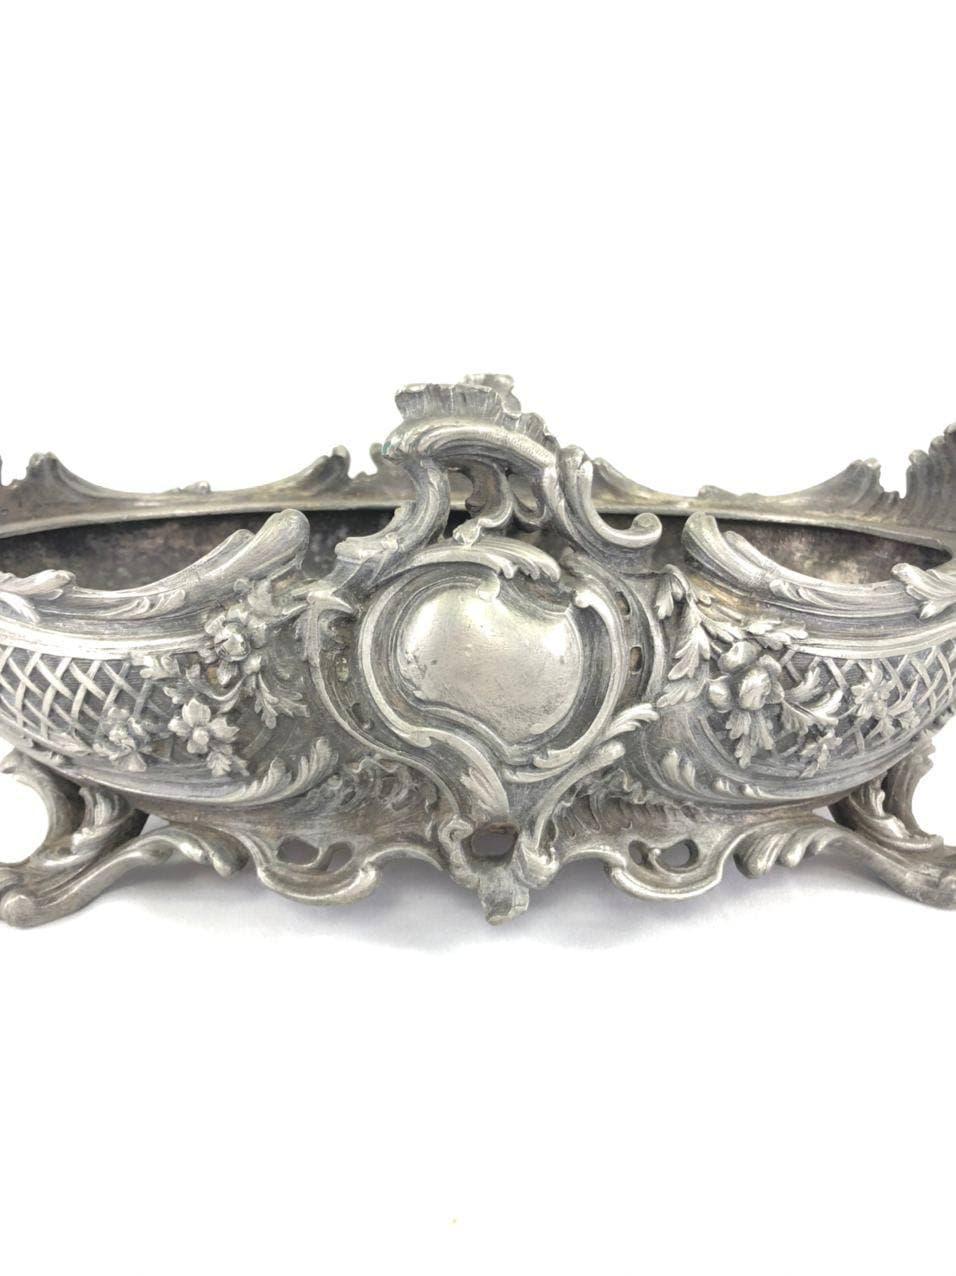 Антикварное кашпо из посеребренной бронзы в стиле Луи XV